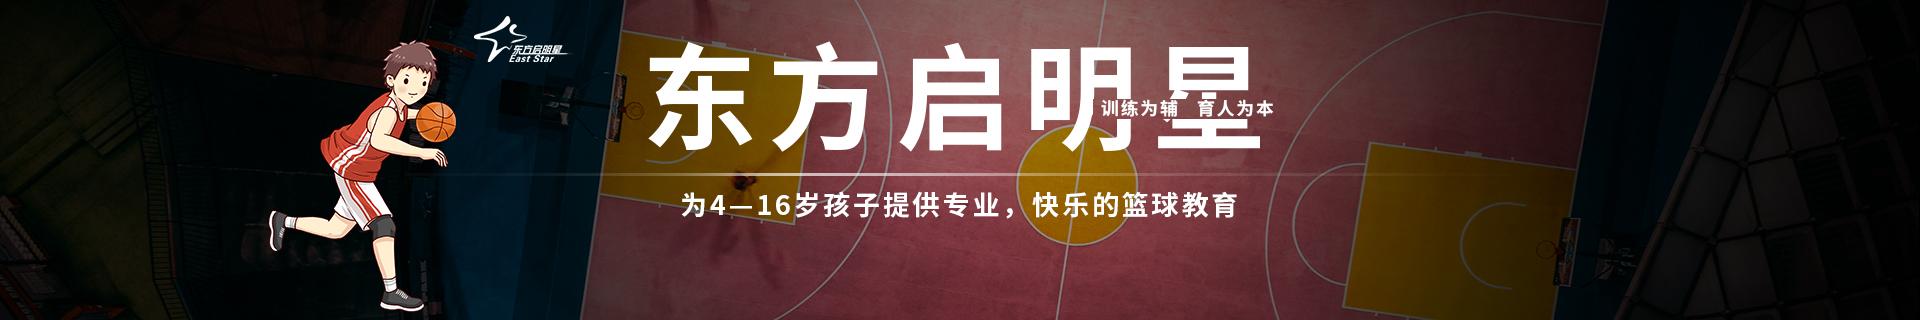 长沙县东方启明星北斗校区